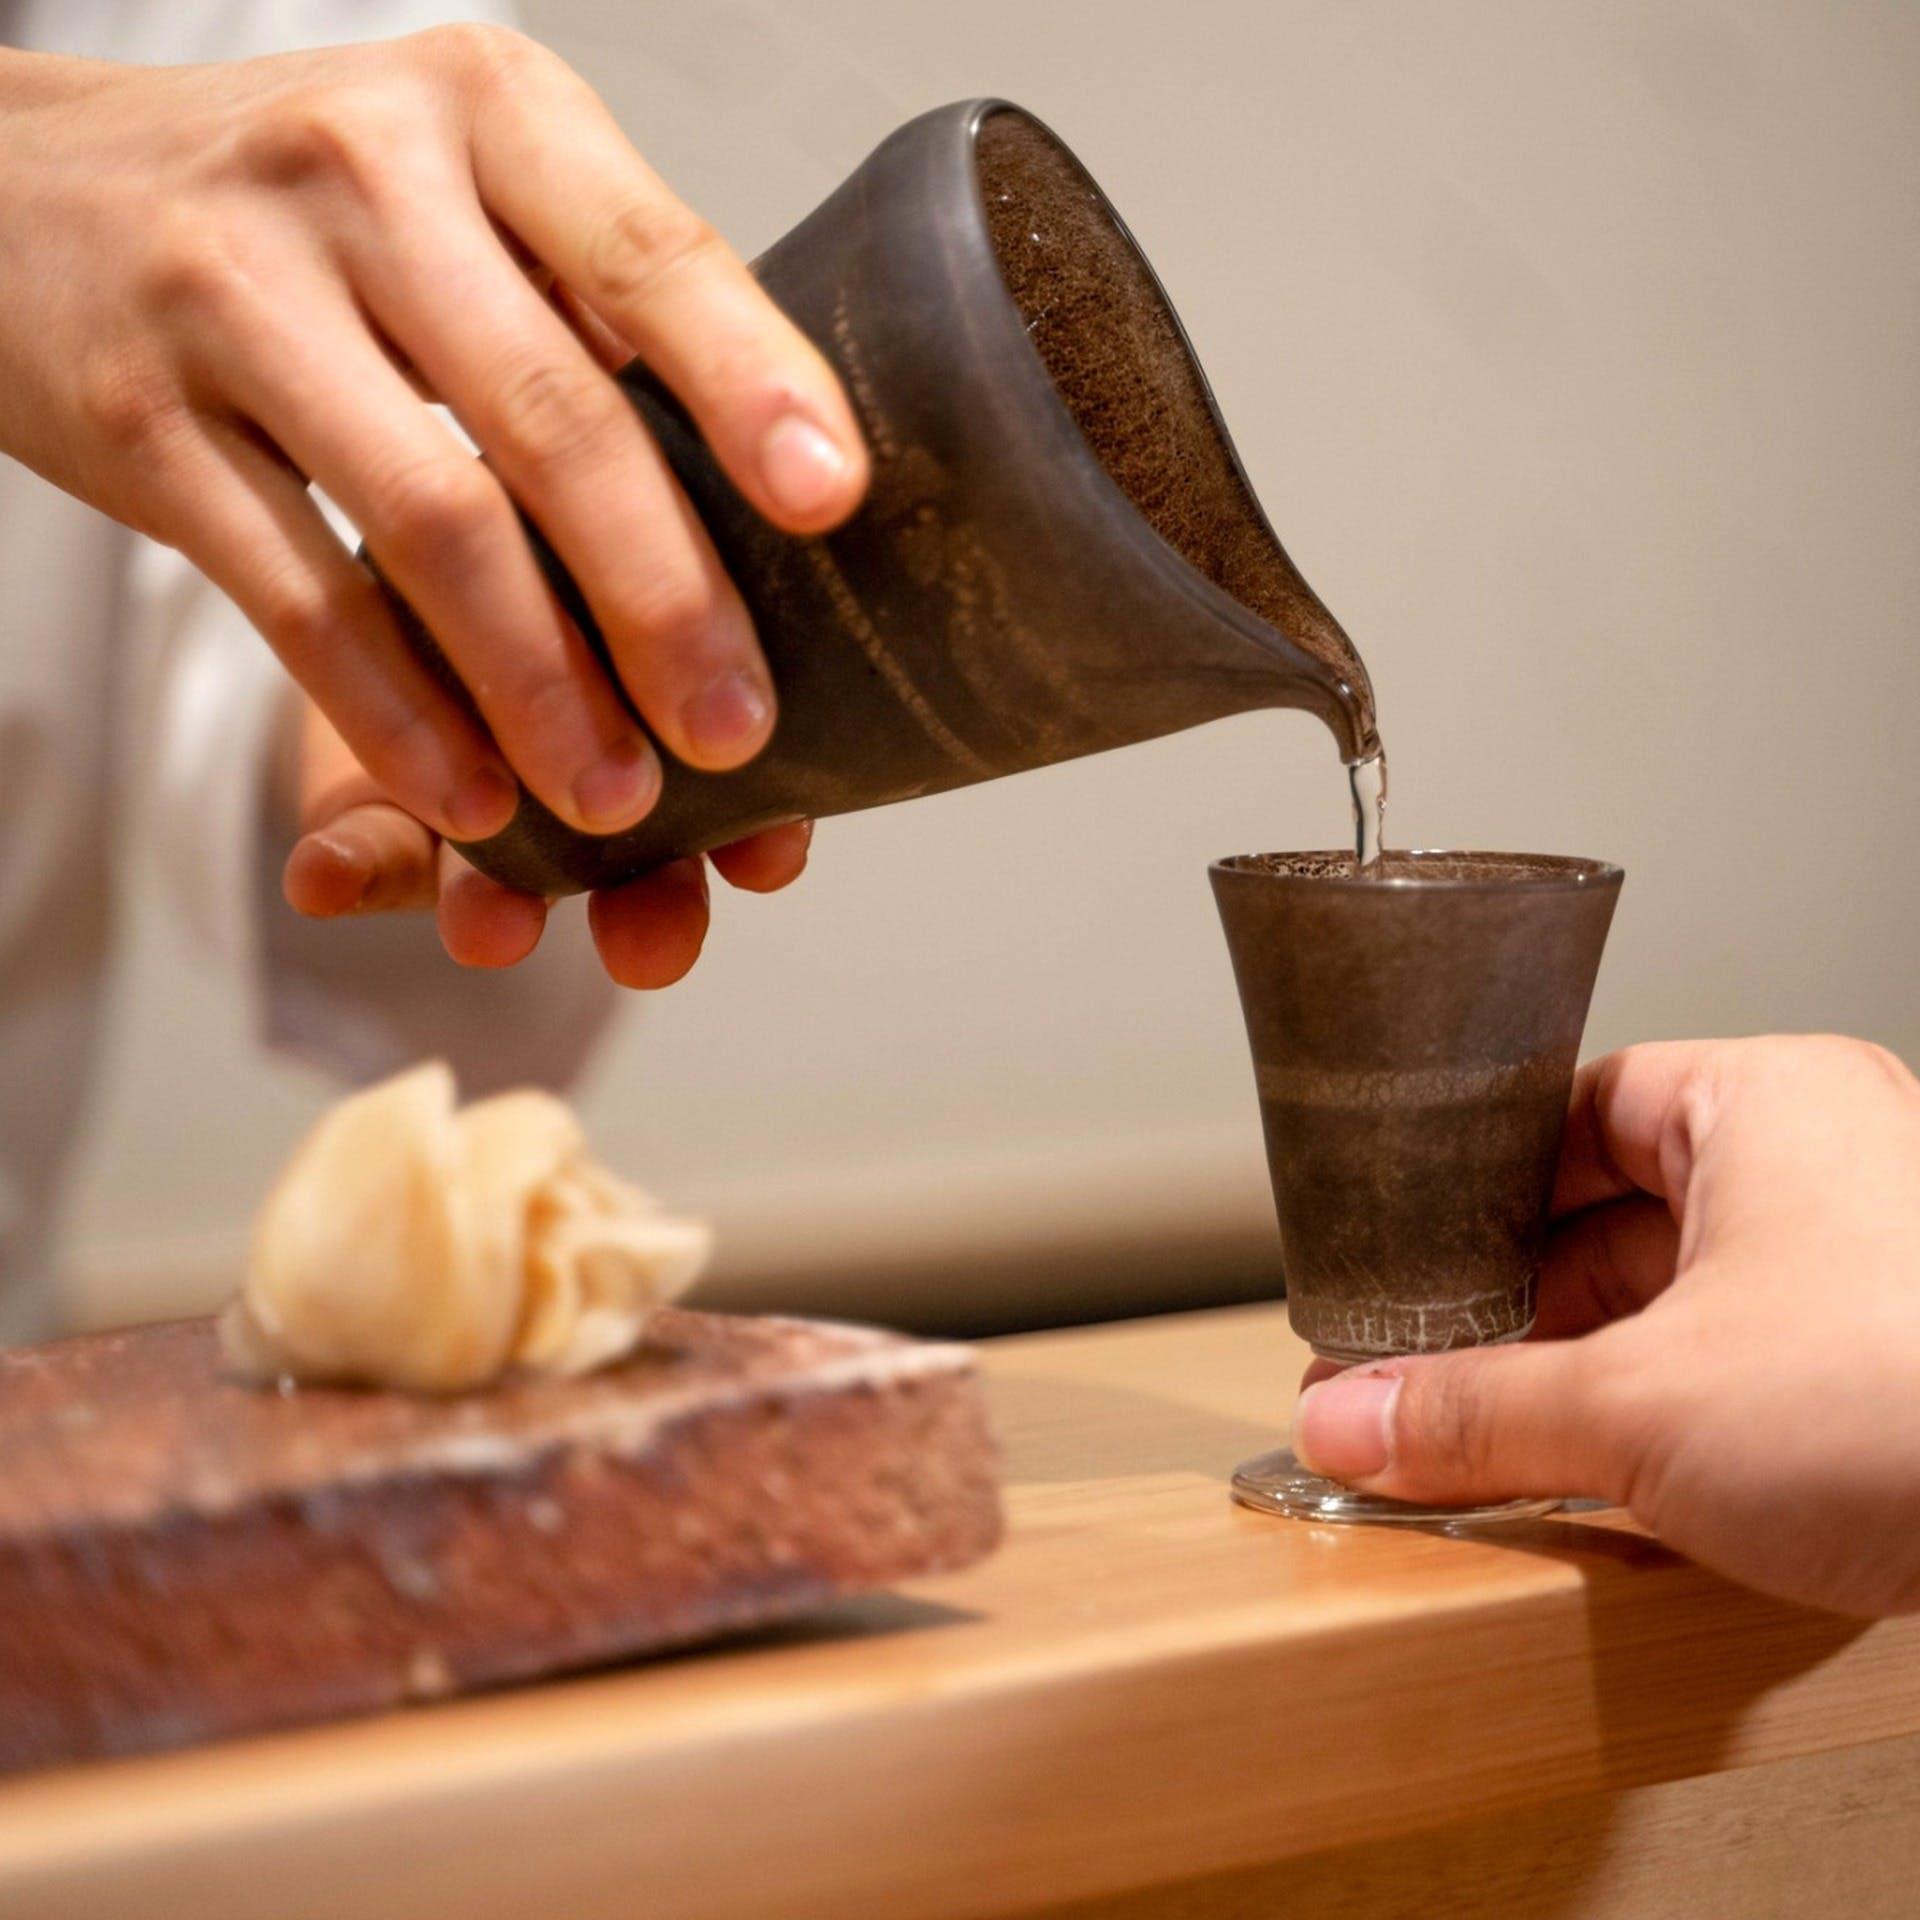 鮨と相性抜群の日本酒で極上のひととき